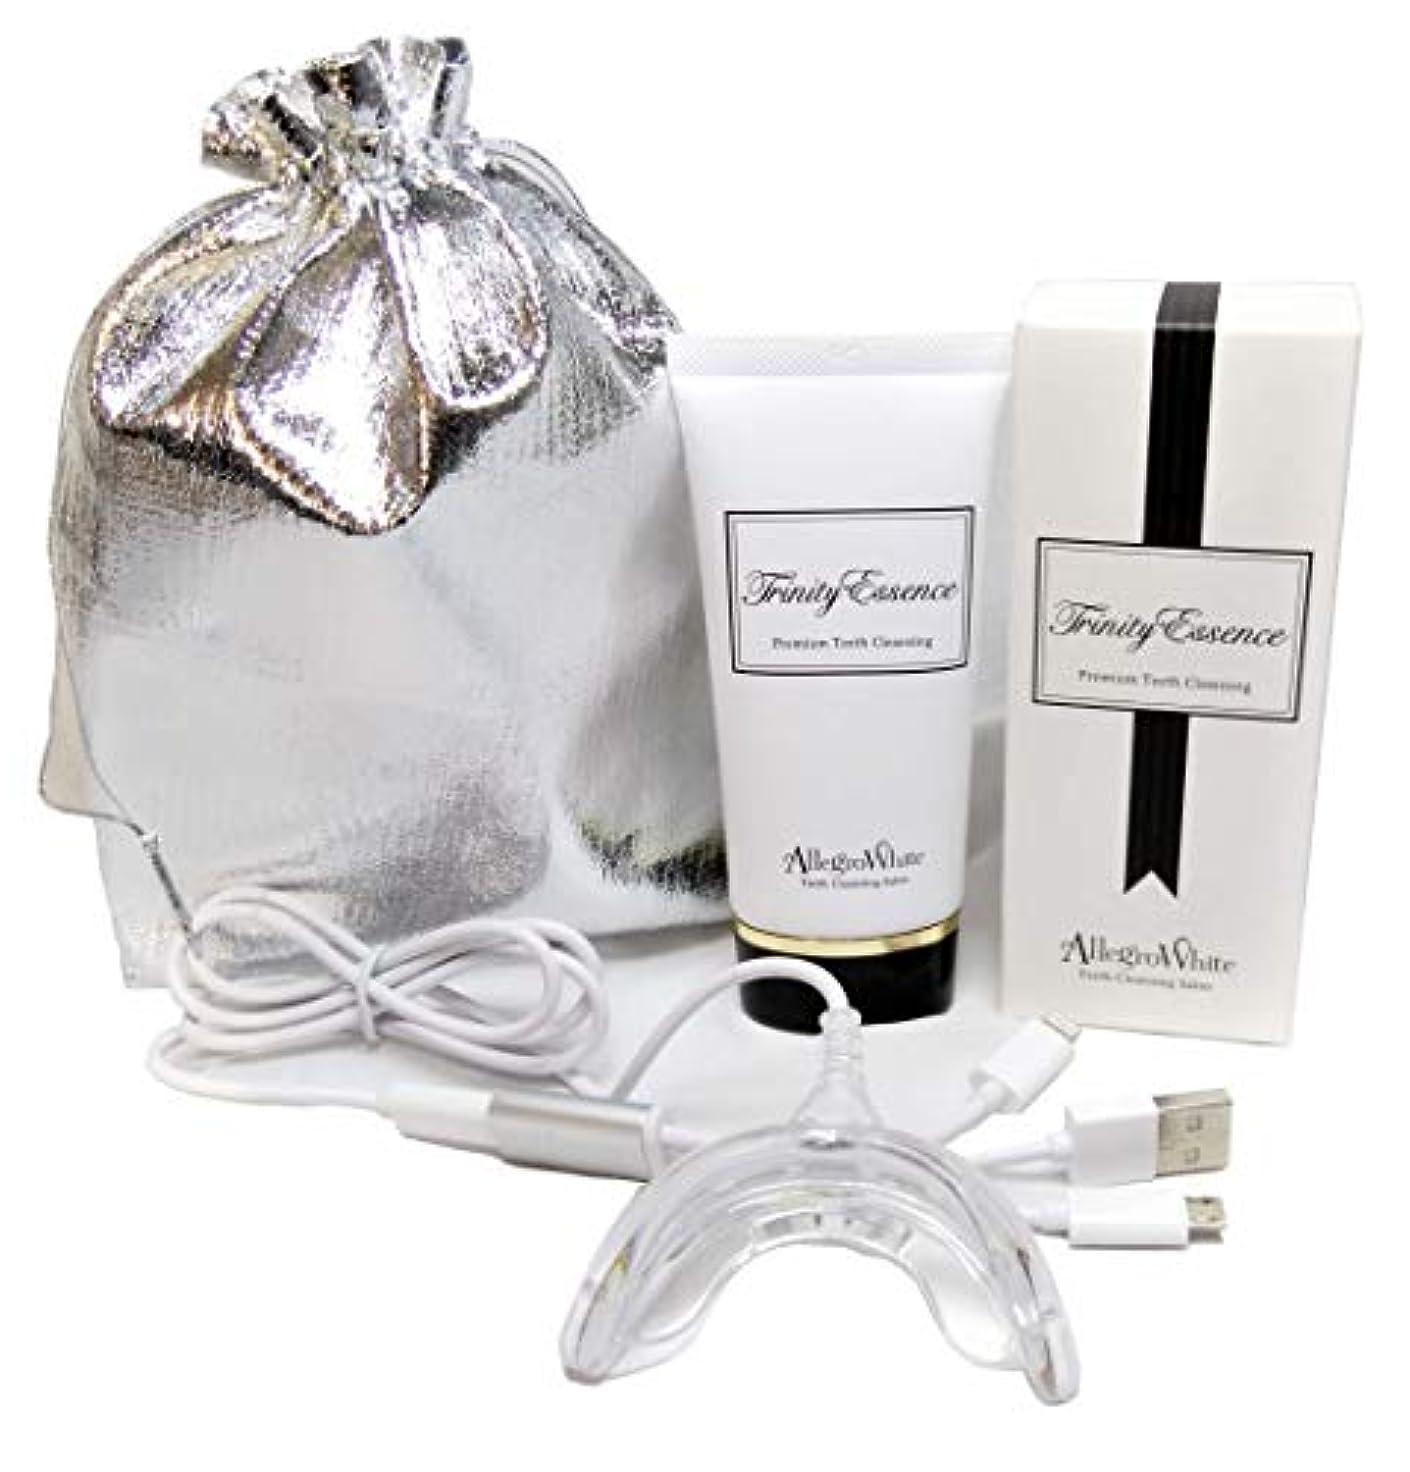 盆砂漠慣性トリニティエッセンス 歯 ホワイトニング セット LED マウスピース 保存袋付 お家で簡単ホワイトニングケア